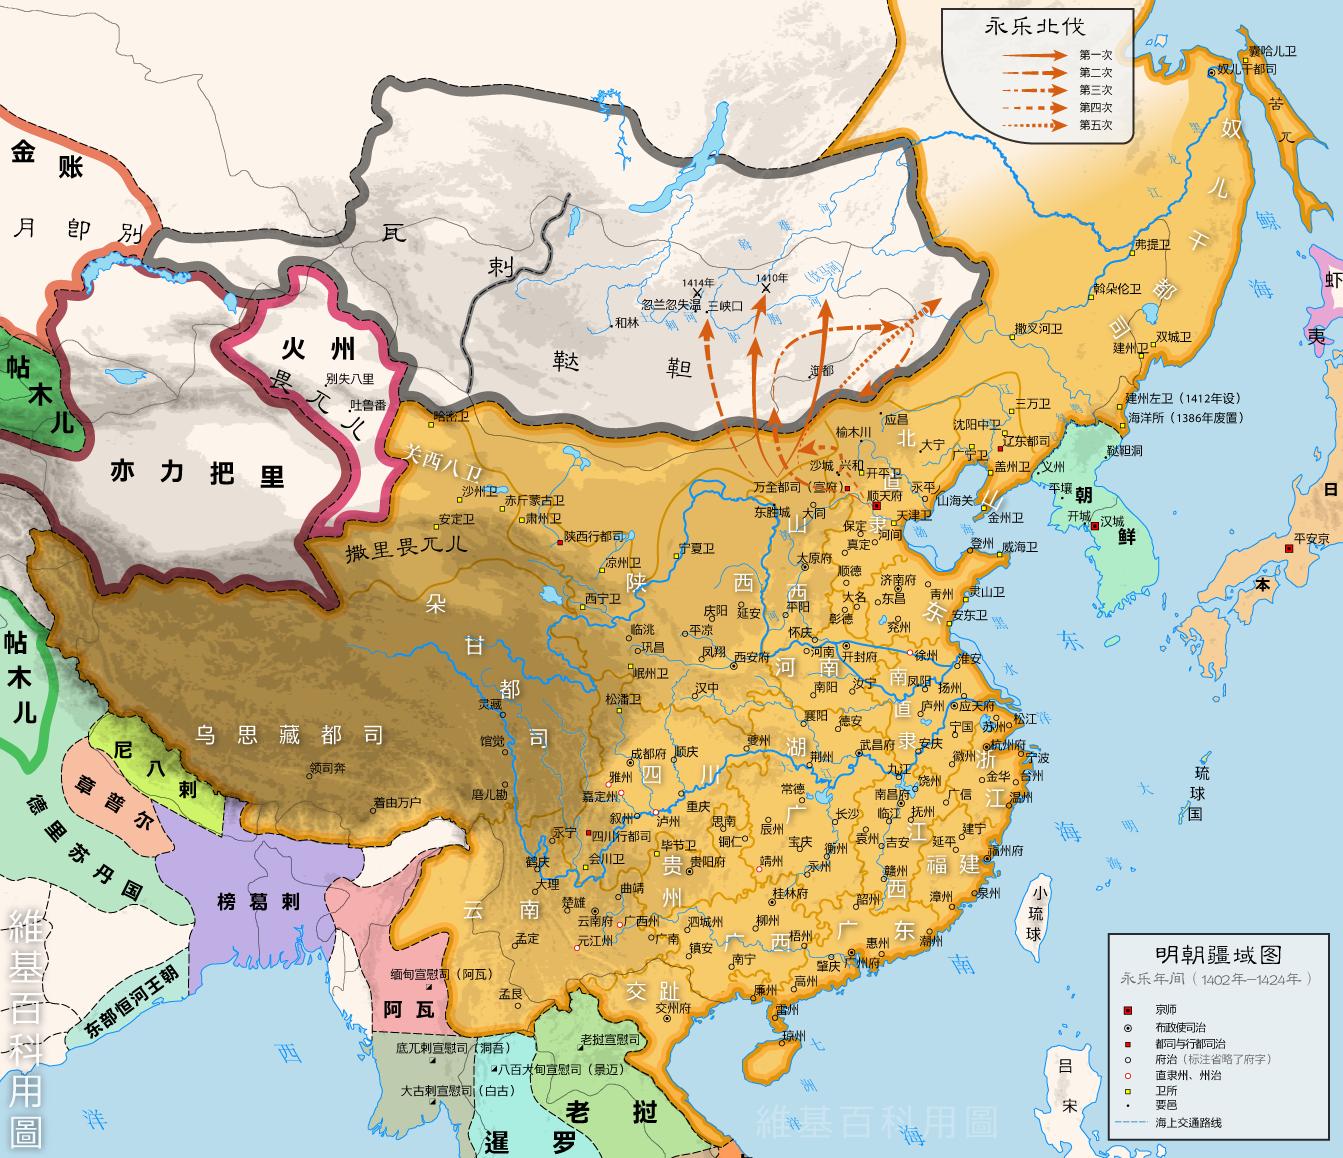 份为《中国历史地图集》中描绘的明朝最大疆域-明朝这276年之概述